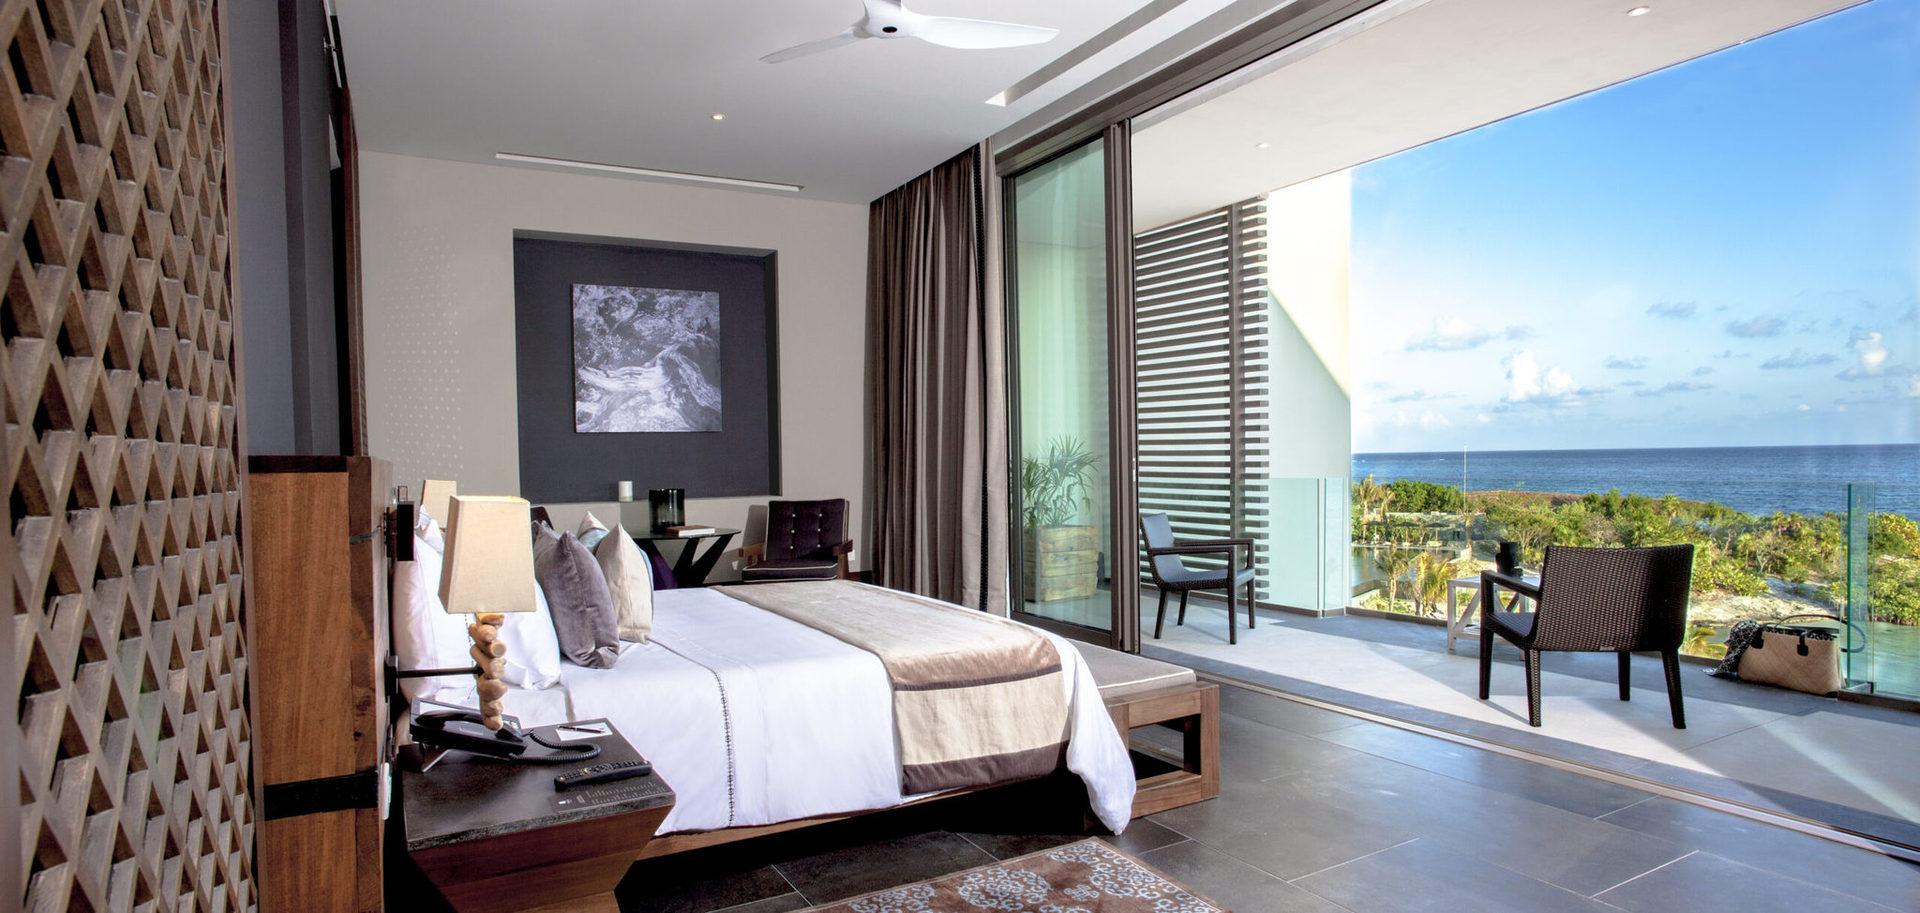 Багато номерів Suite мають власний сад, басейн, просторі тераси, панорамні вікна з видом на море або мангрові ліси